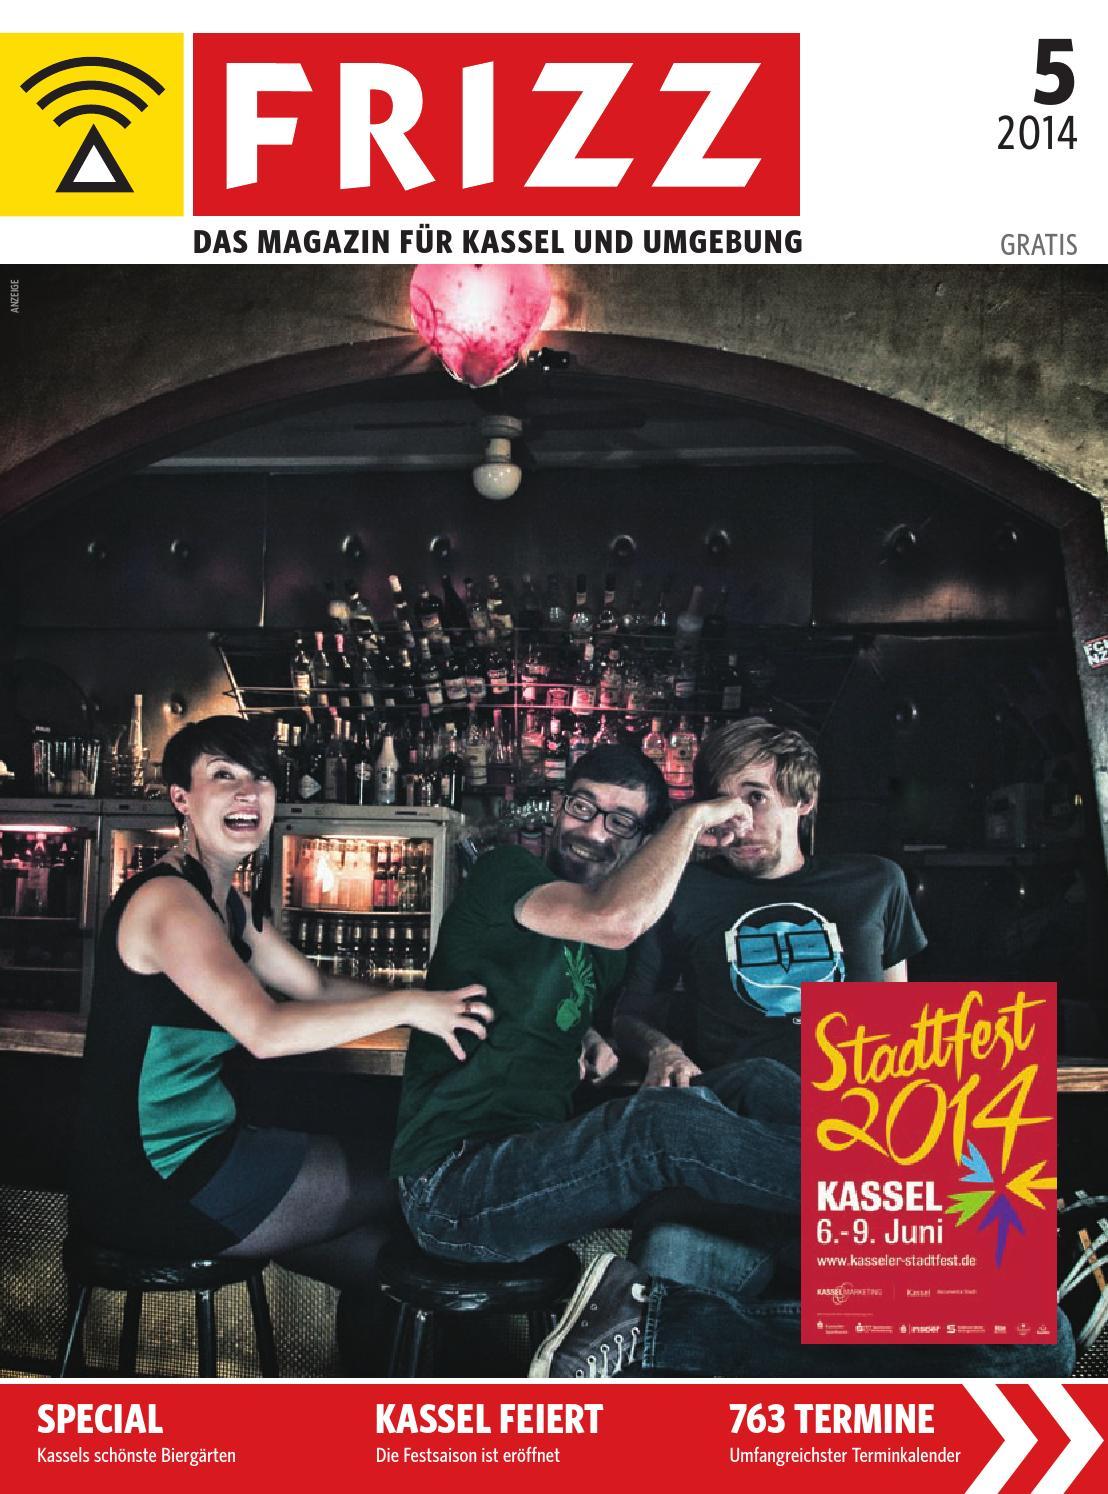 FRIZZ Das Magazin Kassel Mai 2014 by frizz kassel - issuu